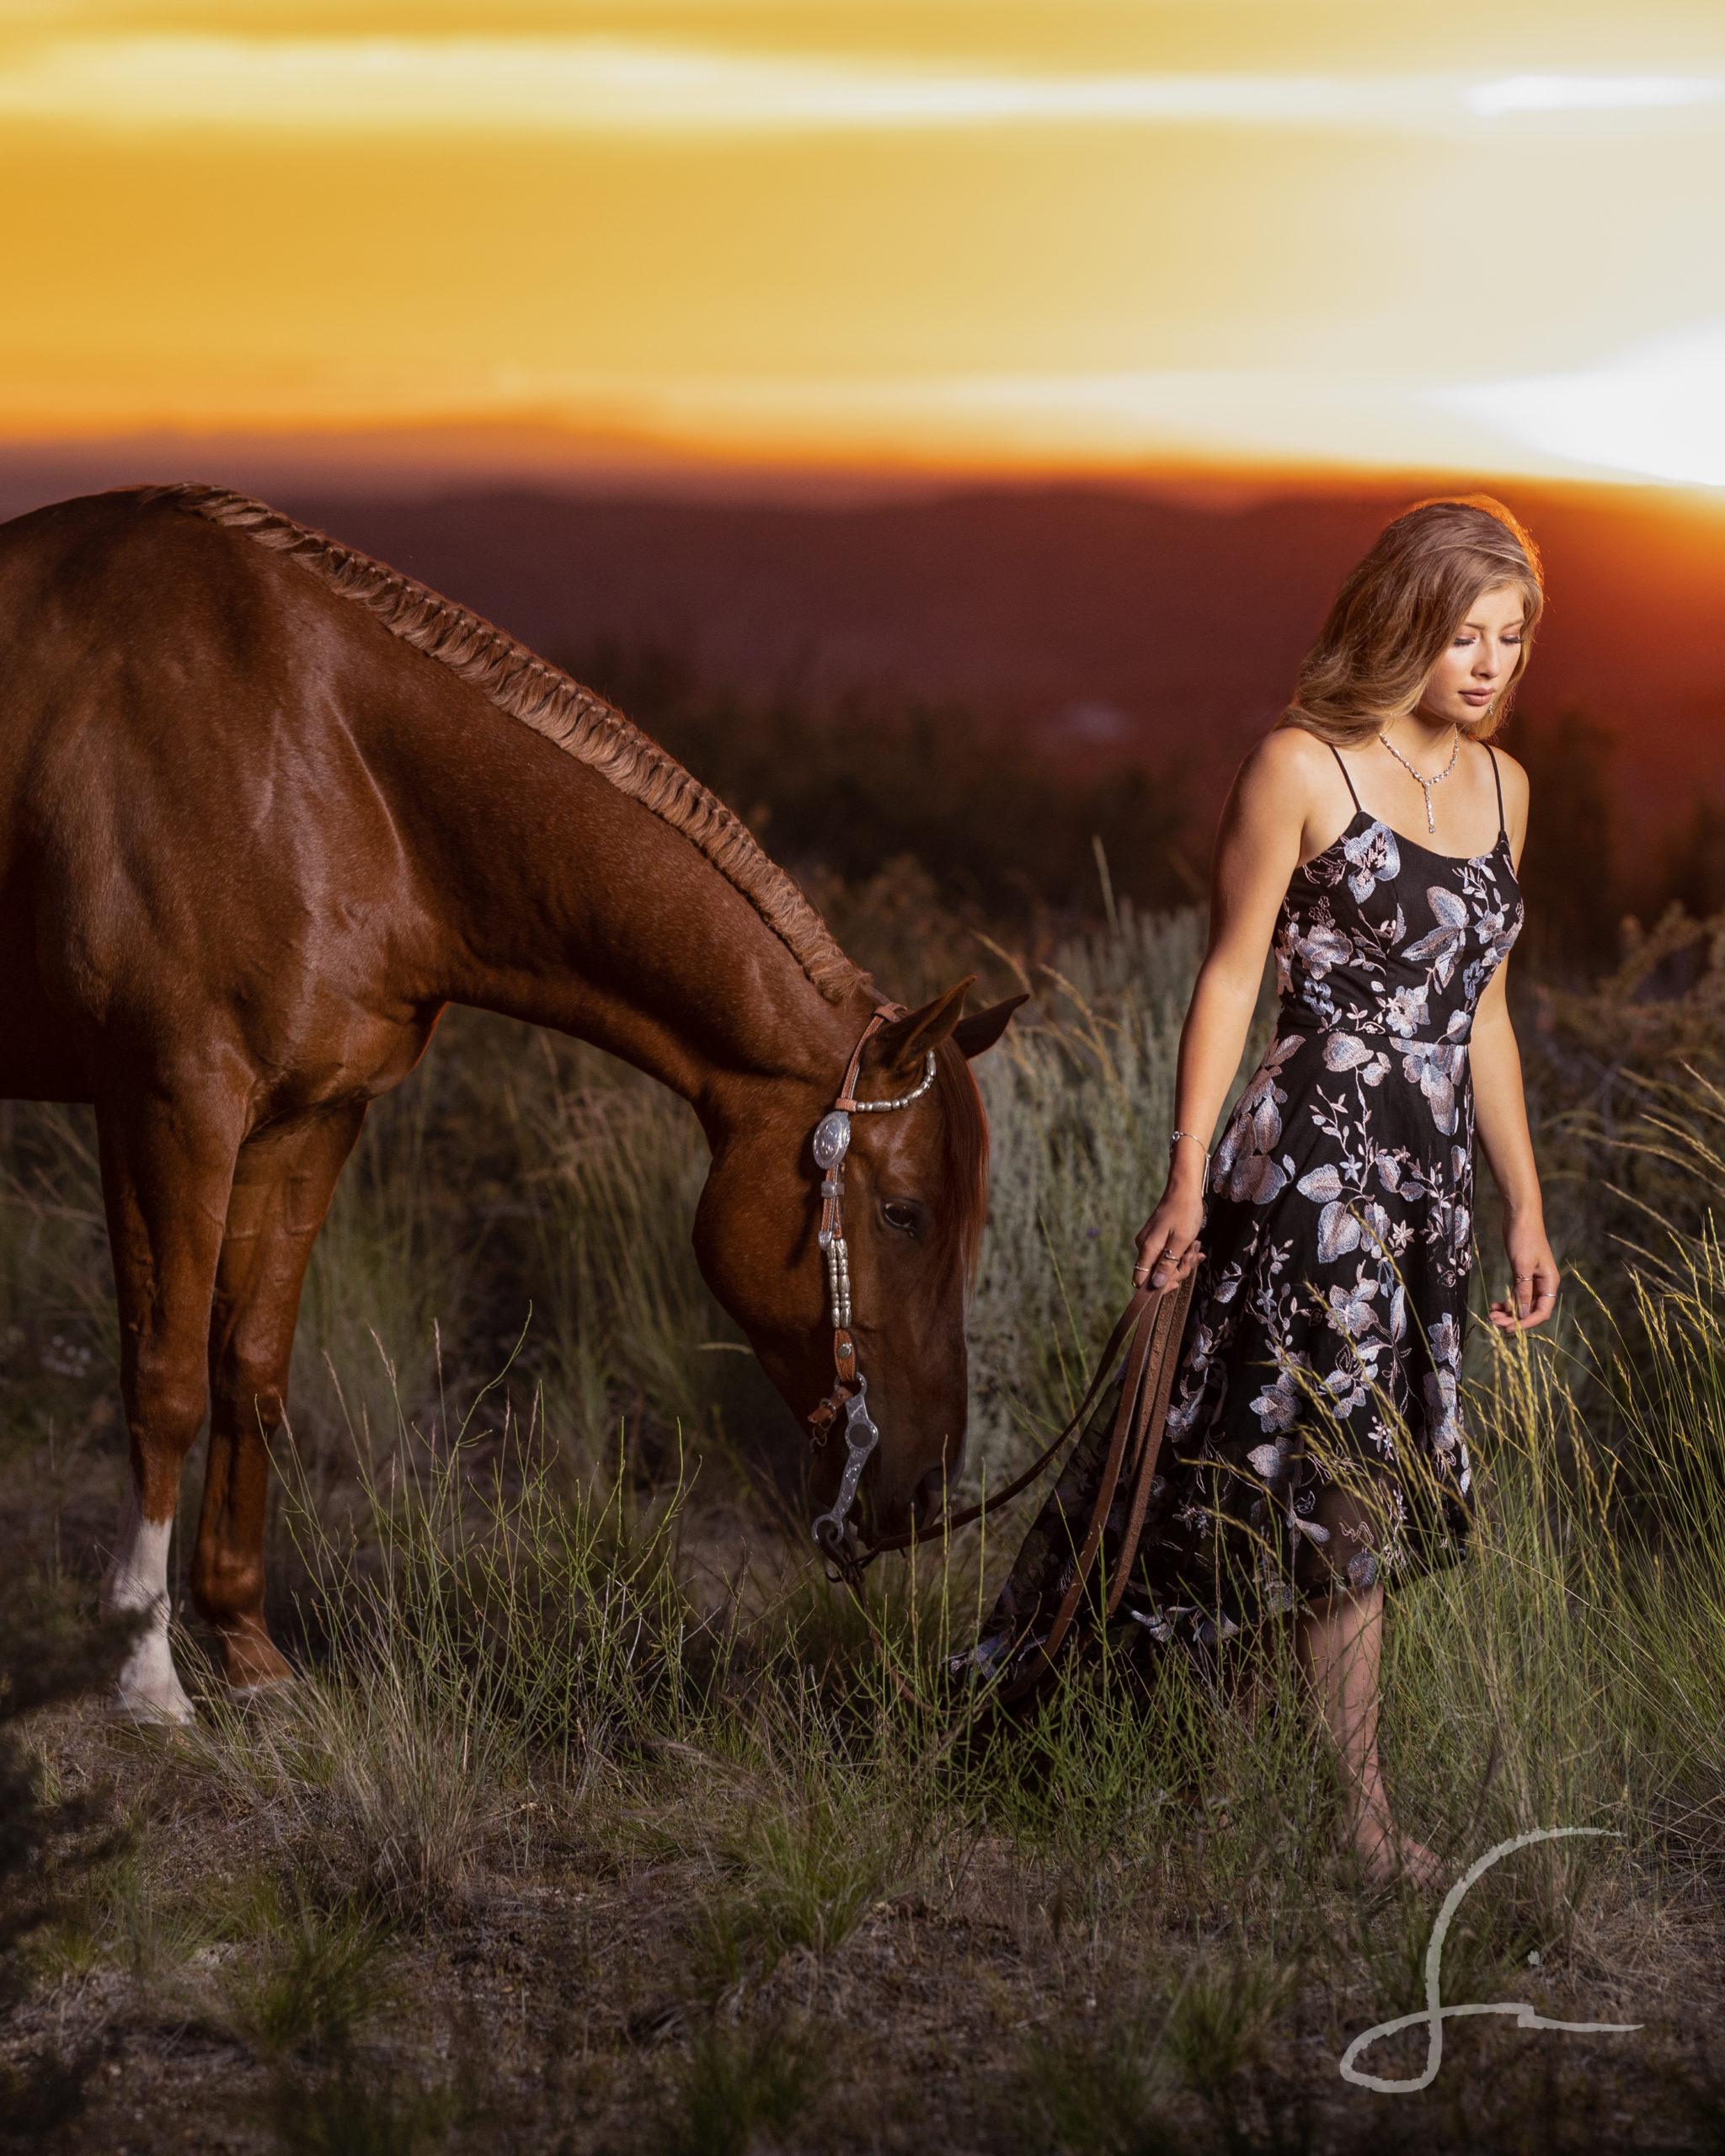 senior high school girl leading her horse at sunset